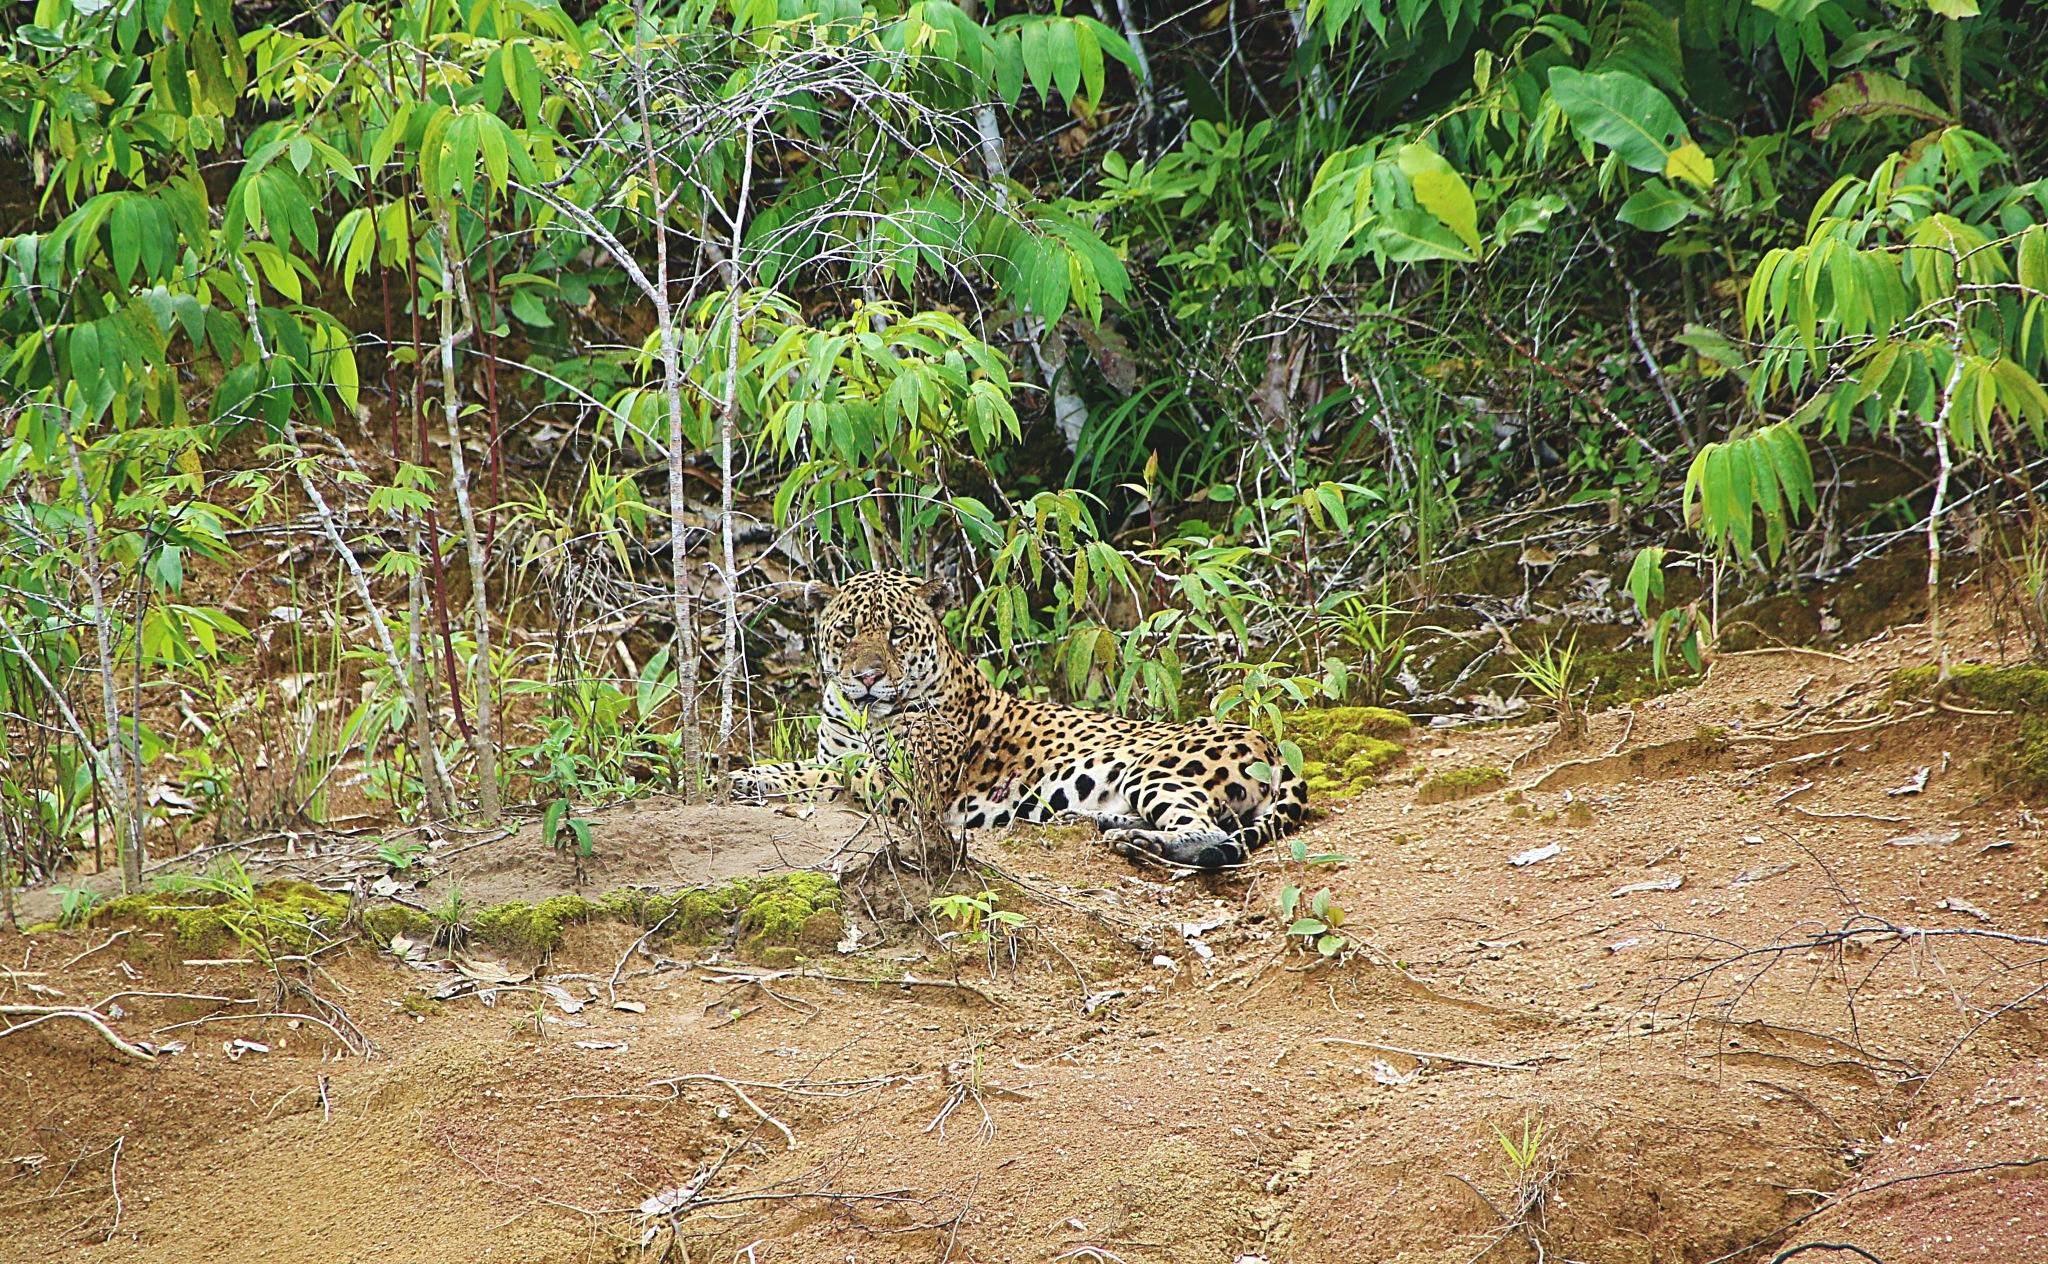 Wild Jaguar by Fedja Mihajlovic